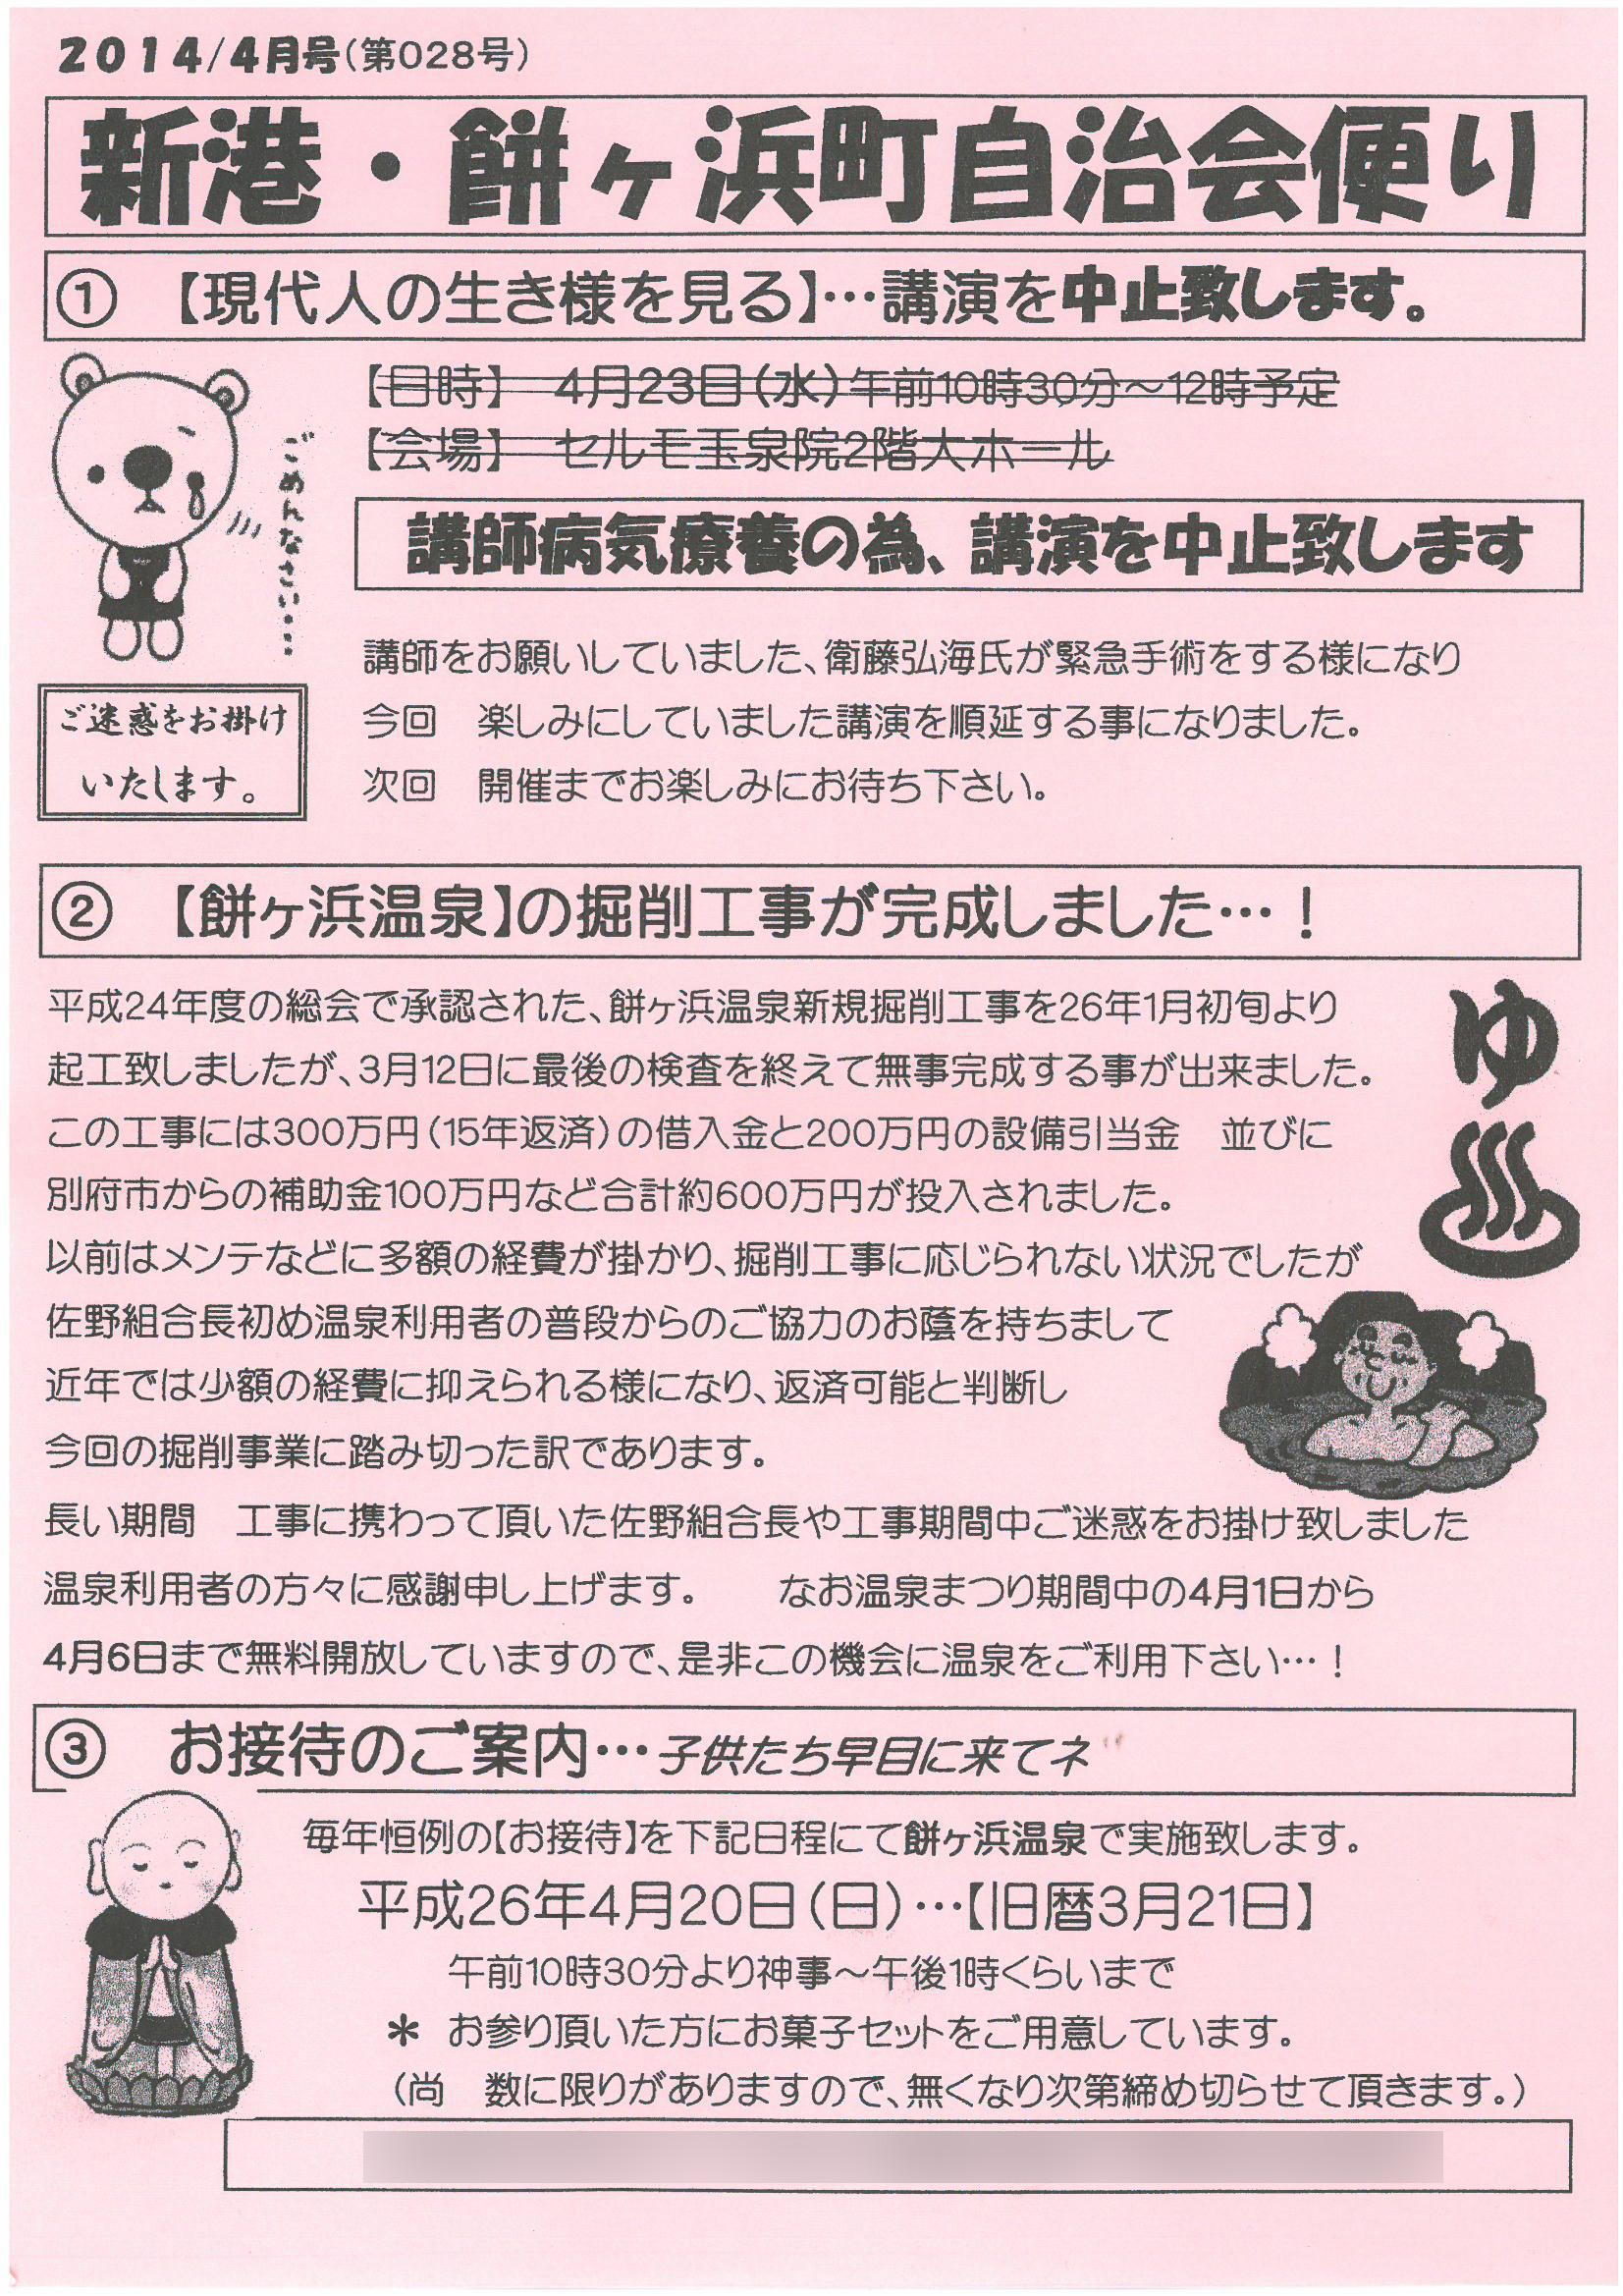 shinminato_mochigahama2014_04